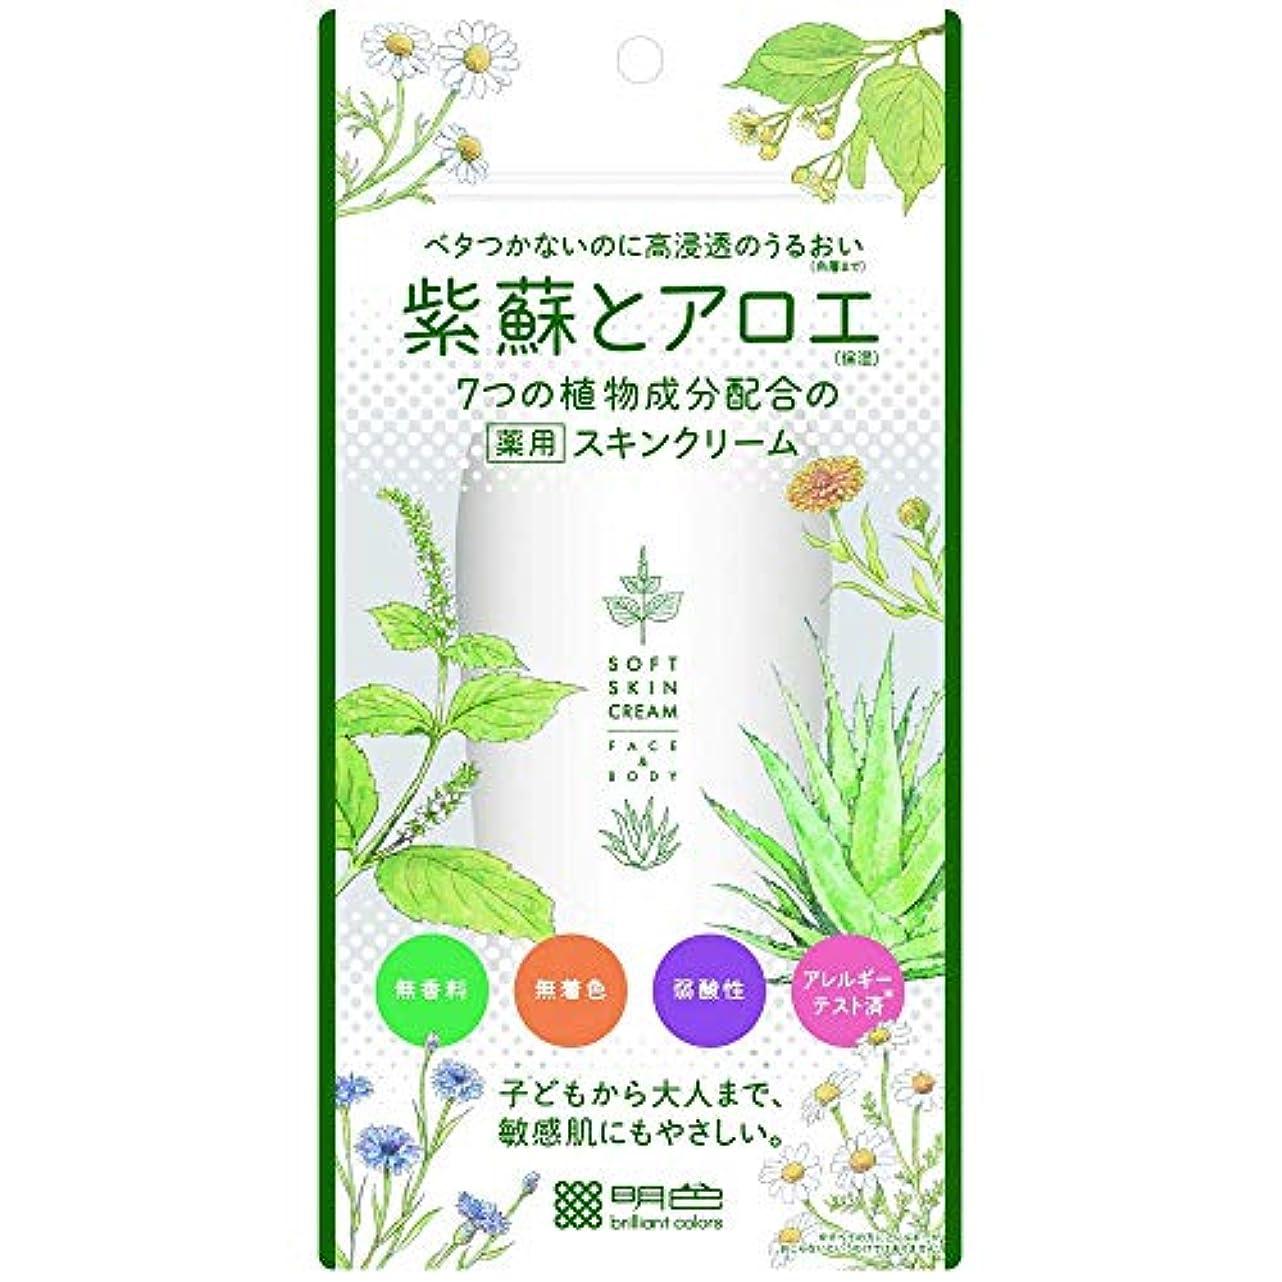 ホスト熟読するアルネ【5個セット】紫蘇とアロエ 薬用スキンクリーム 190g